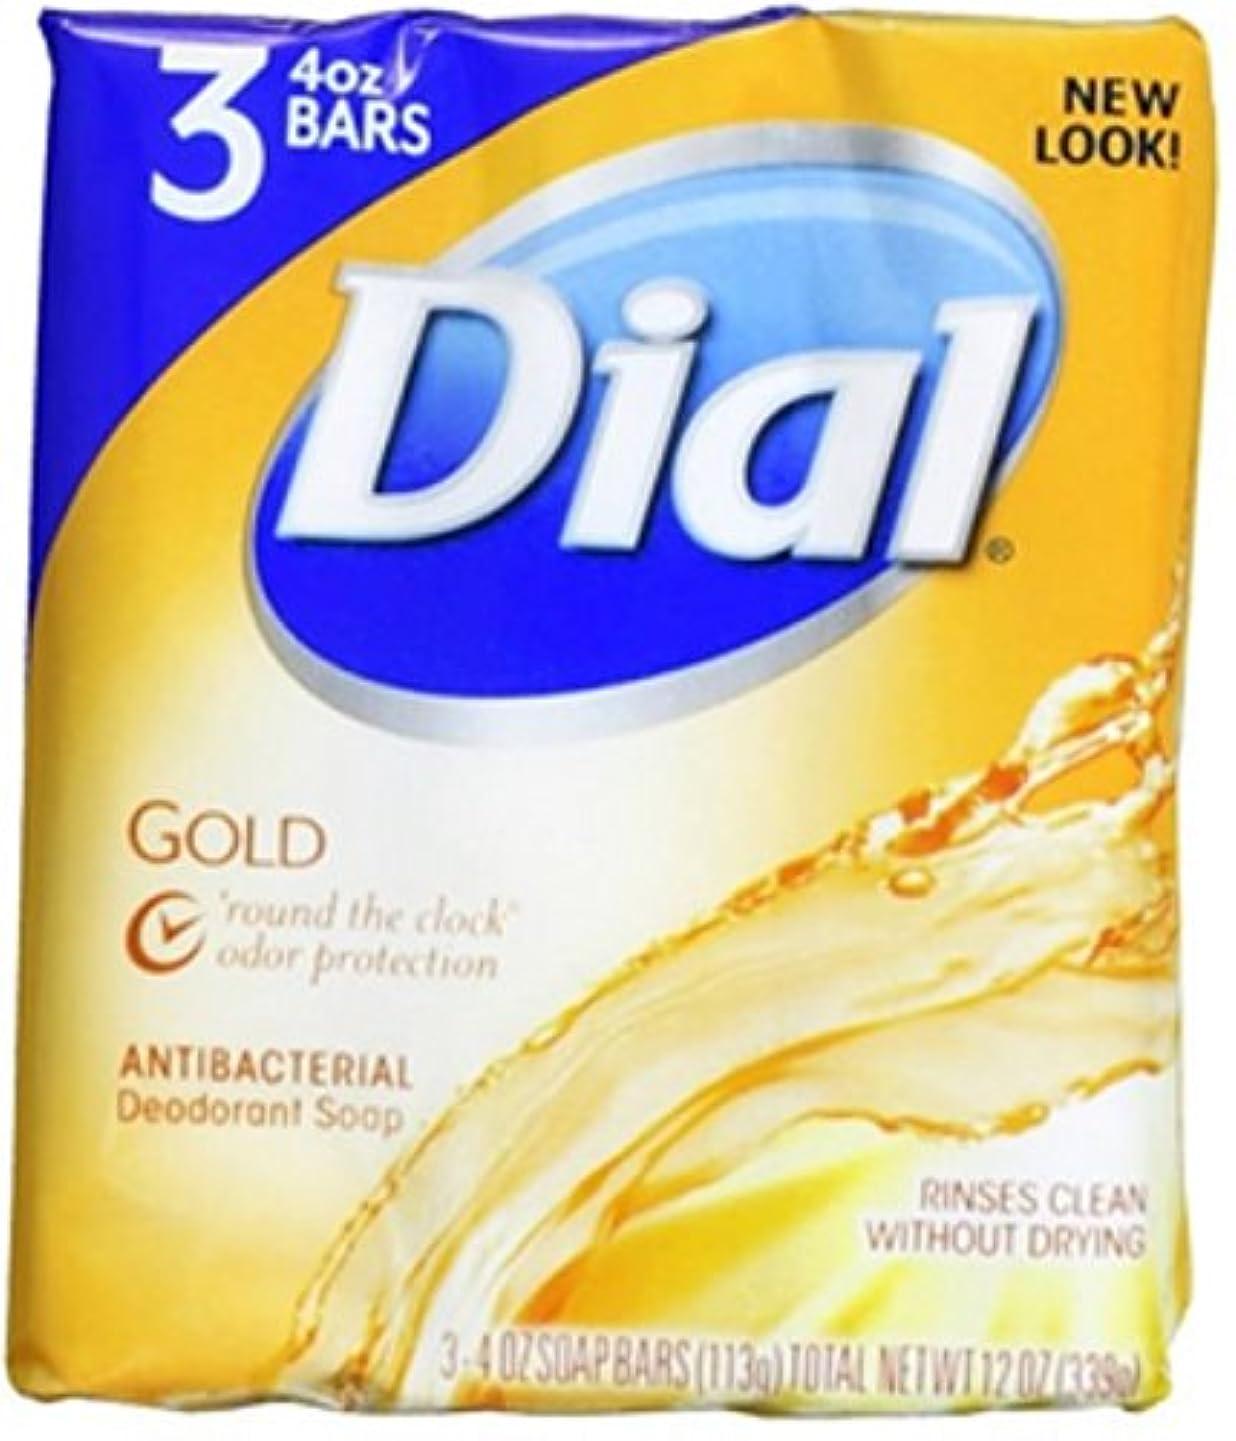 科学的険しいいくつかのDial 抗菌消臭石鹸バー、ゴールド、4つのオズバー、3 Eaは(6パック)